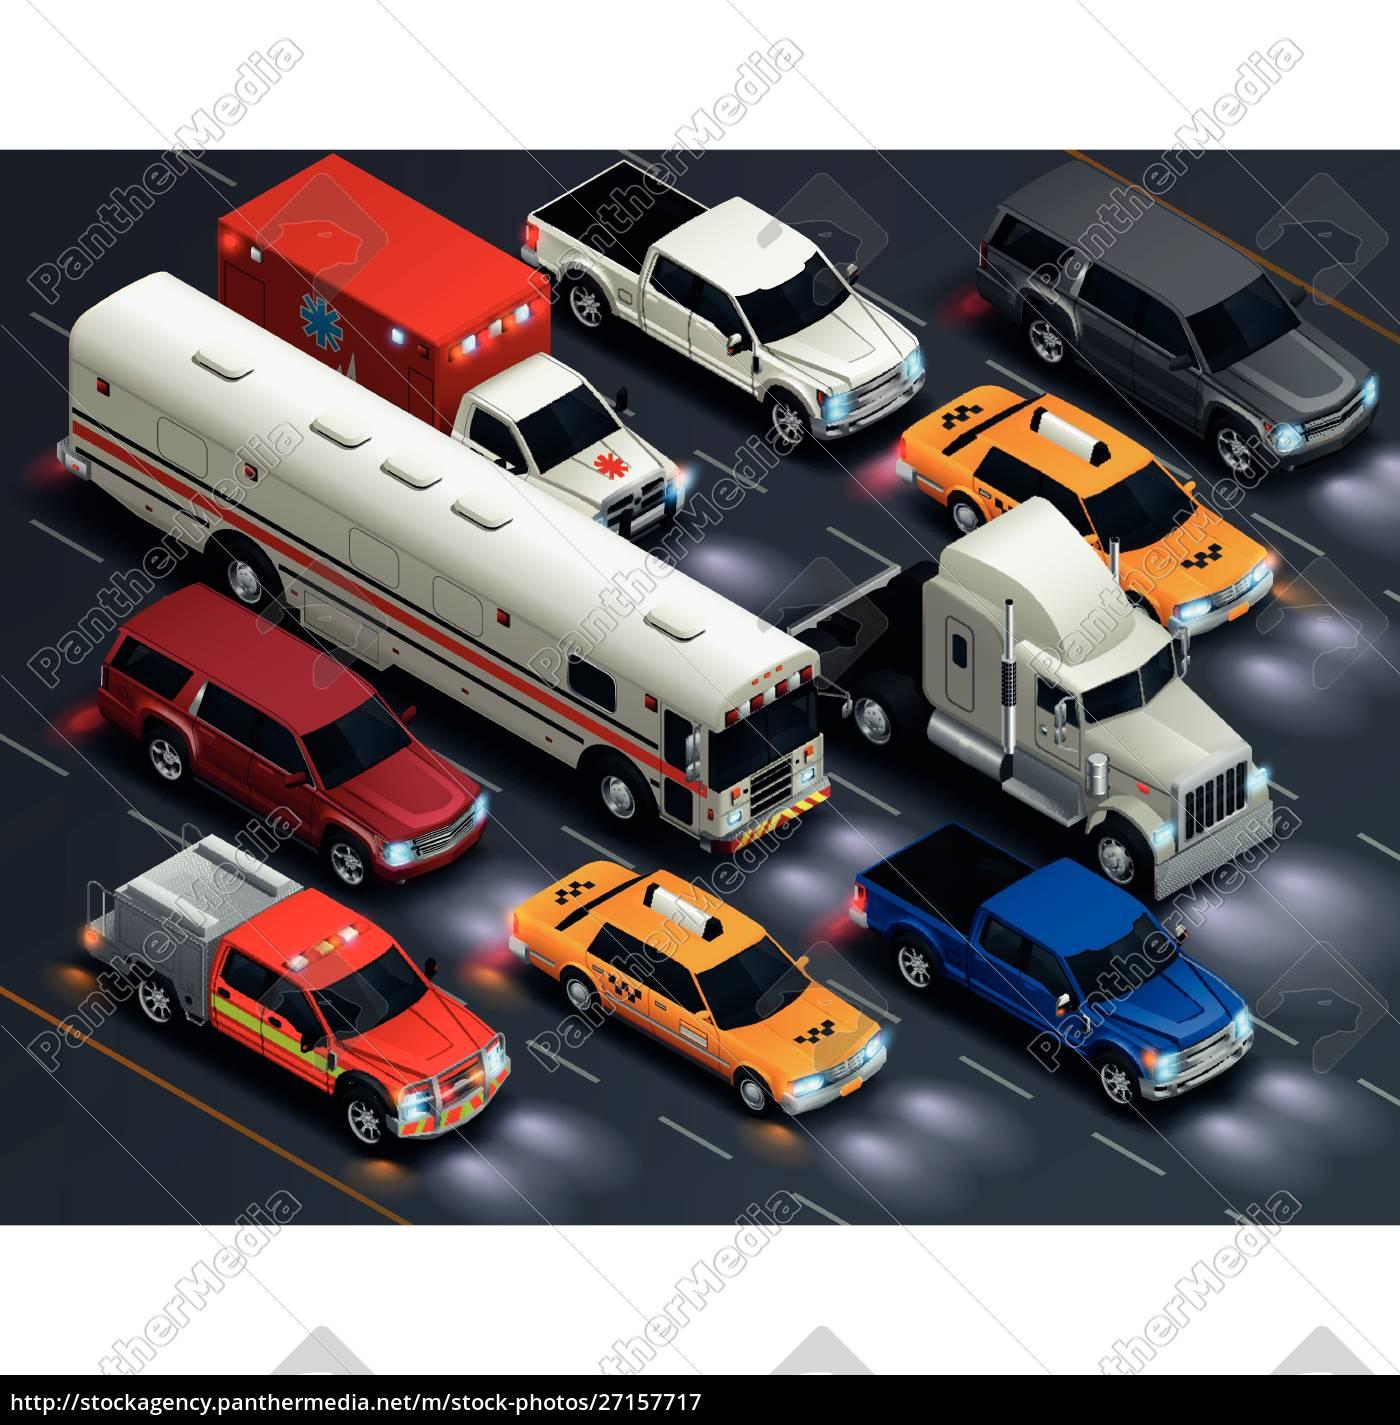 straßenverkehr, realistische, isometrische, transportzusammensetzung, mit, bus - 27157717